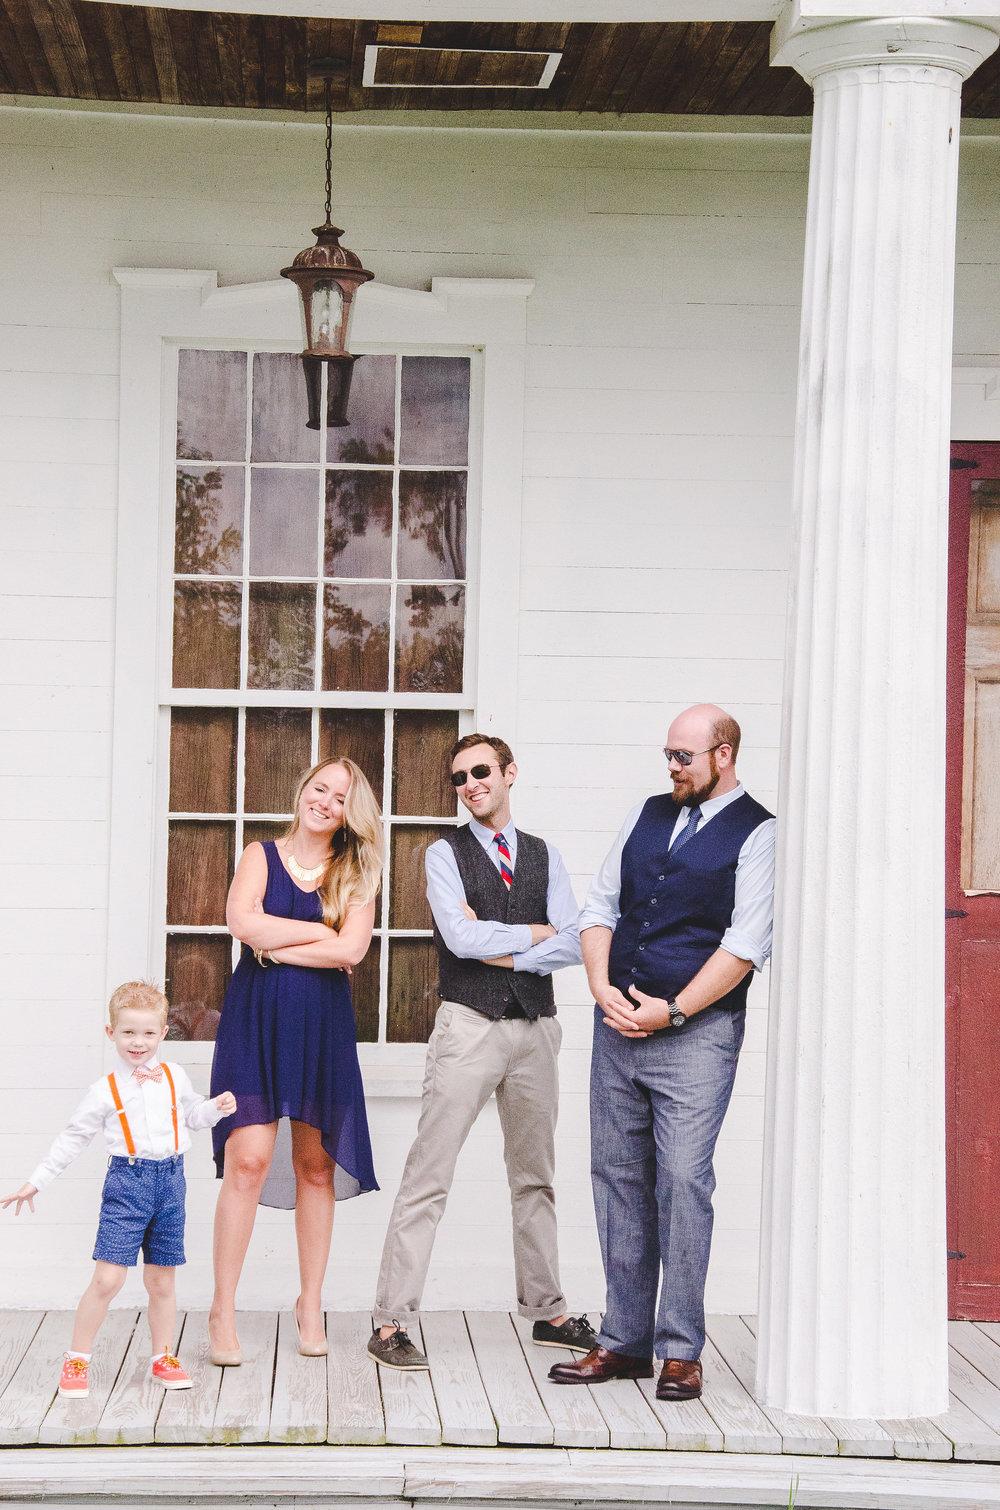 groom-best-woman-groosman-outdoor-portrait